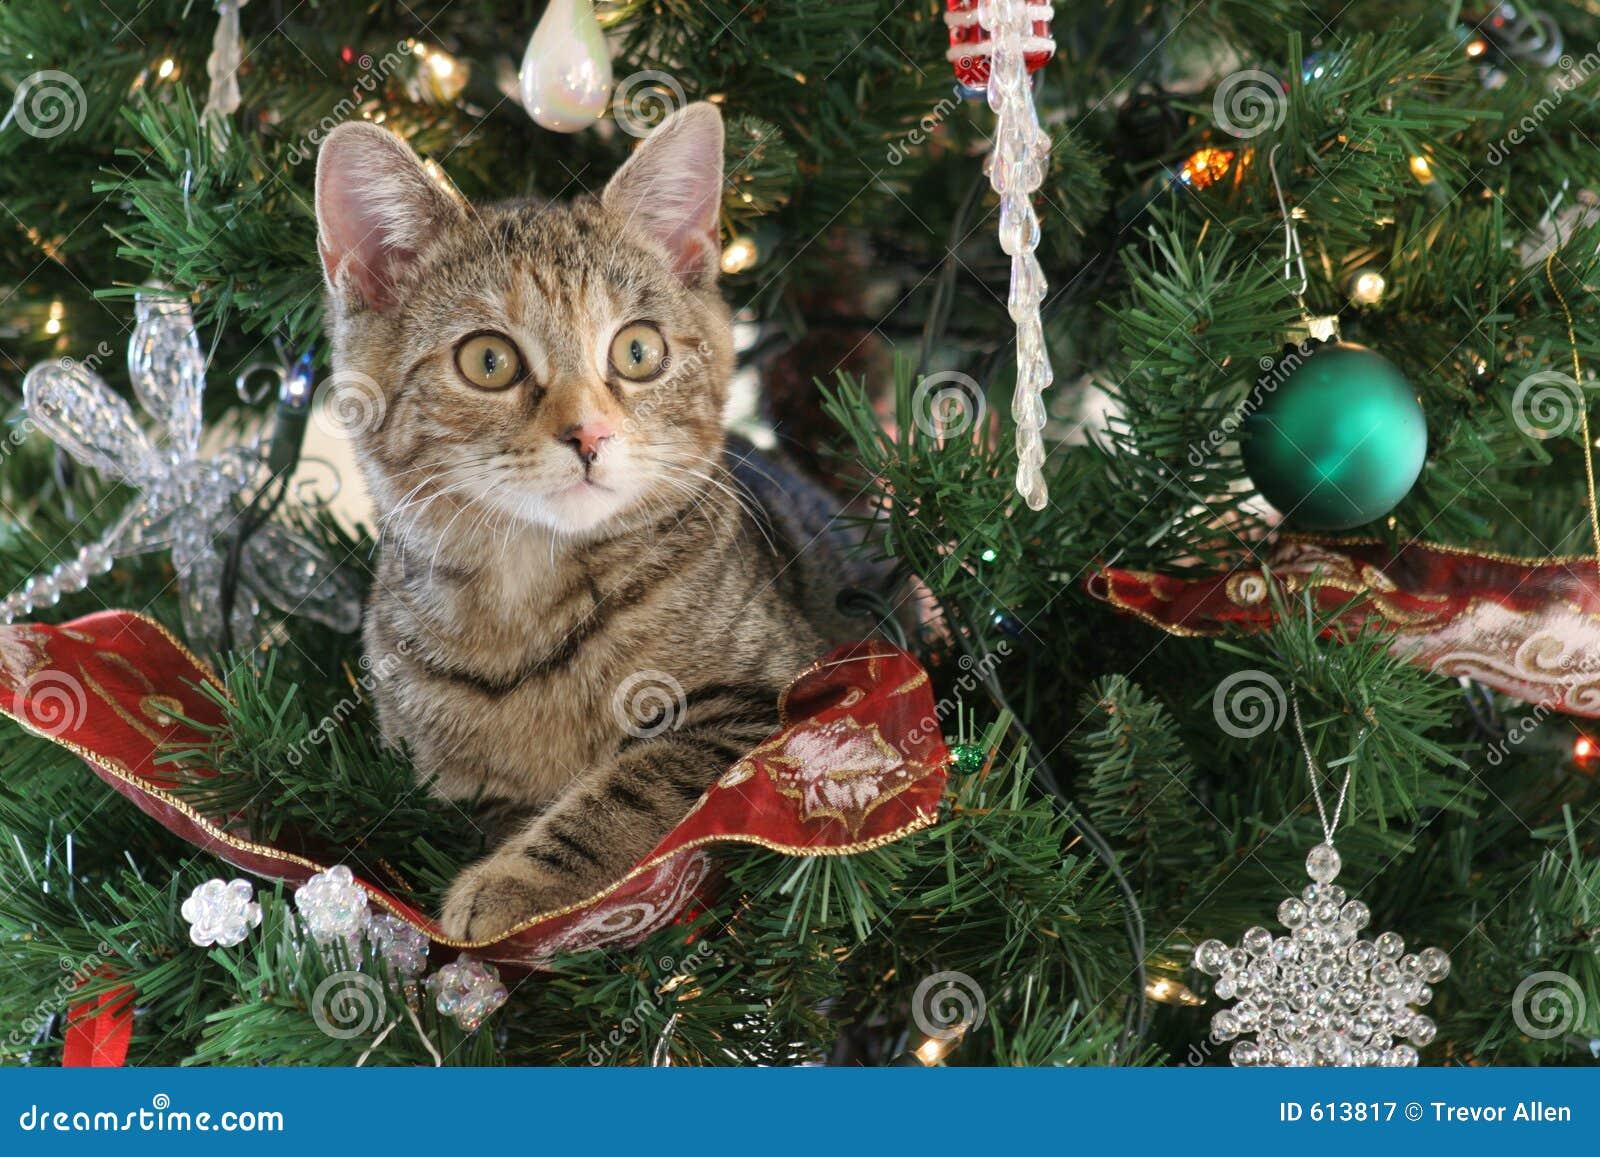 Weihnachtskatze stockbild. Bild von adorable, kitty, wekzeugspritze ...